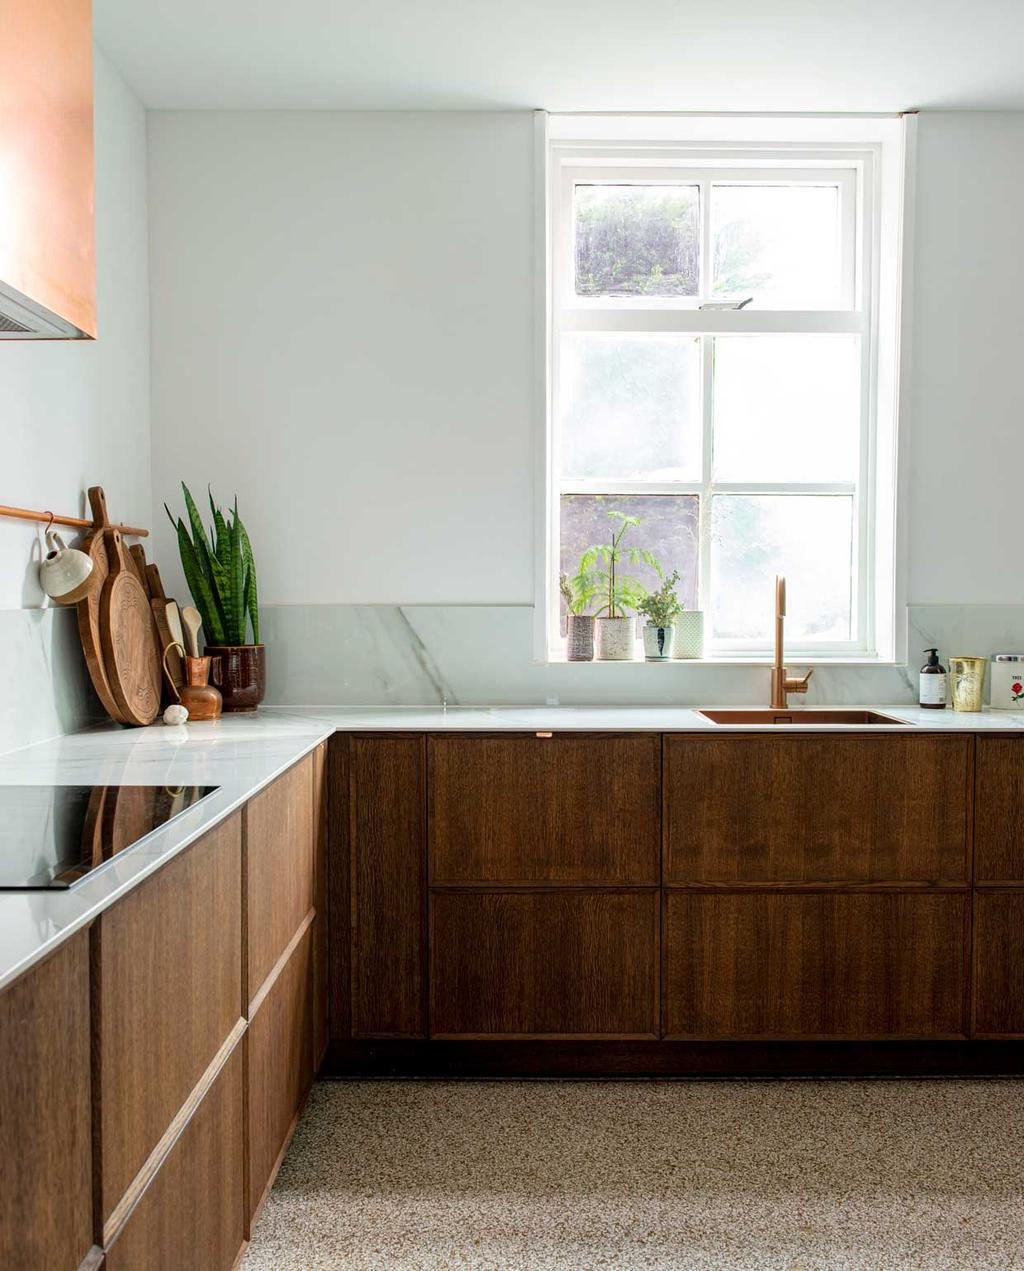 vtwonen 08-2020 | binnenkijken hillegom | keuken met pasteltinten